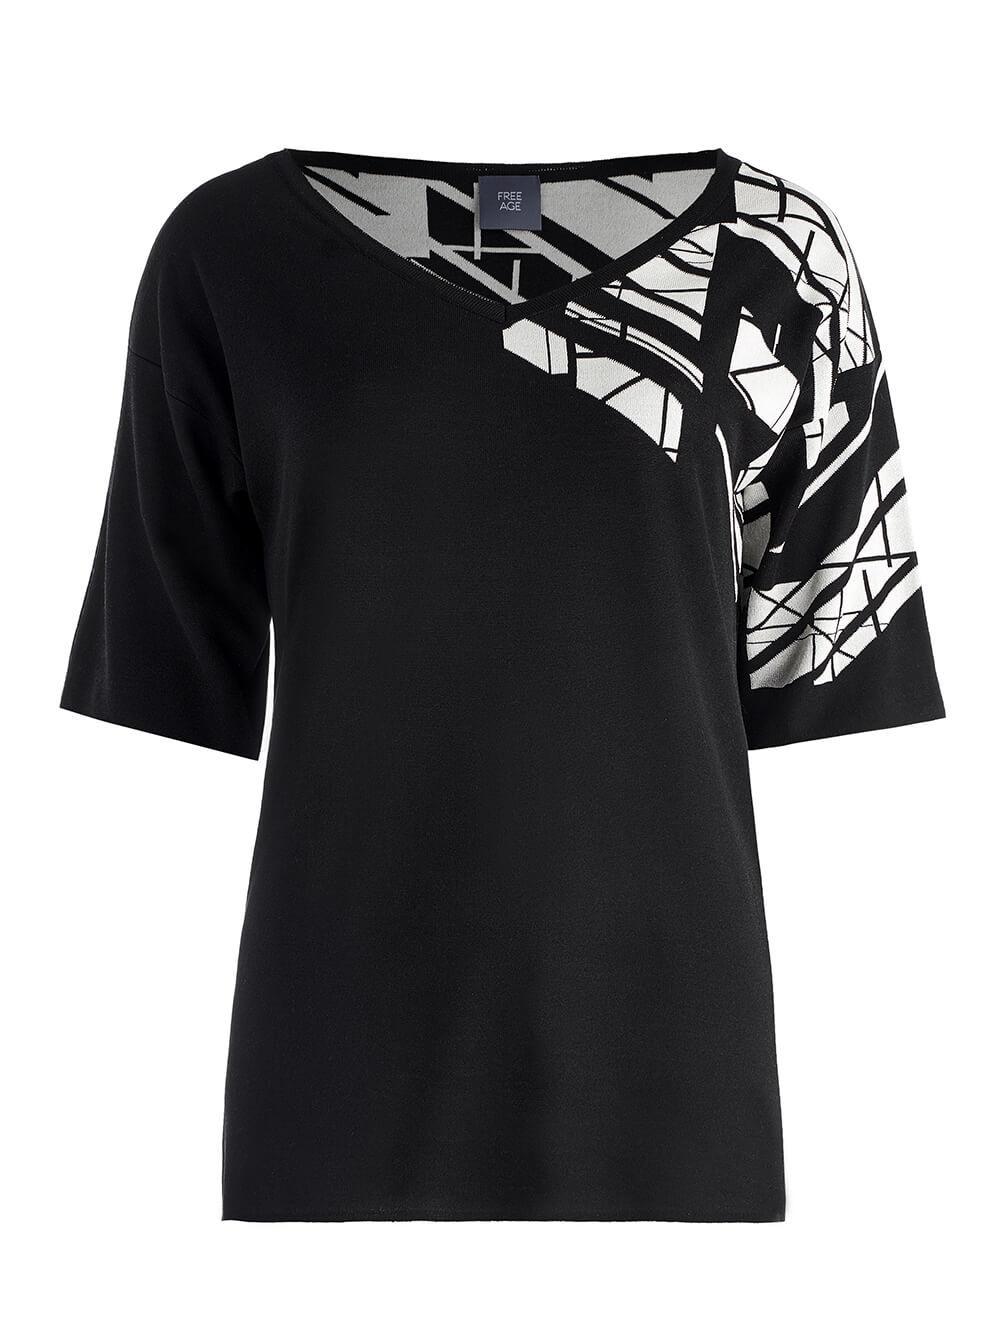 Женский джемпер черного цвета с контрастным принтом из шелка и вискозы - фото 1